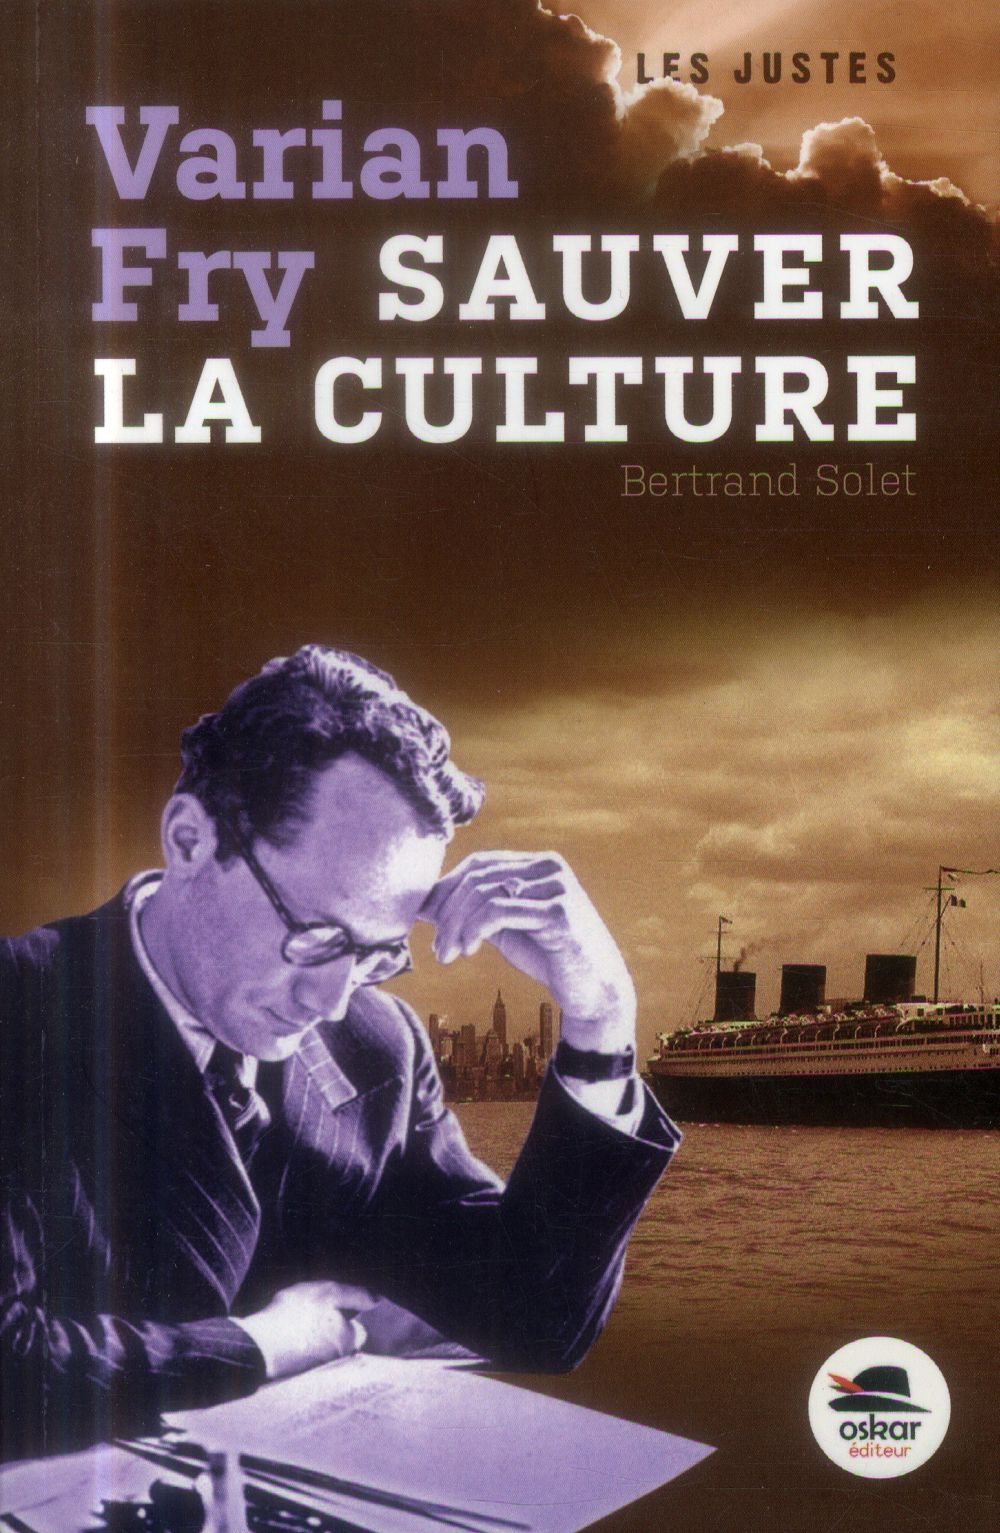 VARIAN FRY - SAUVER LA CULTURE